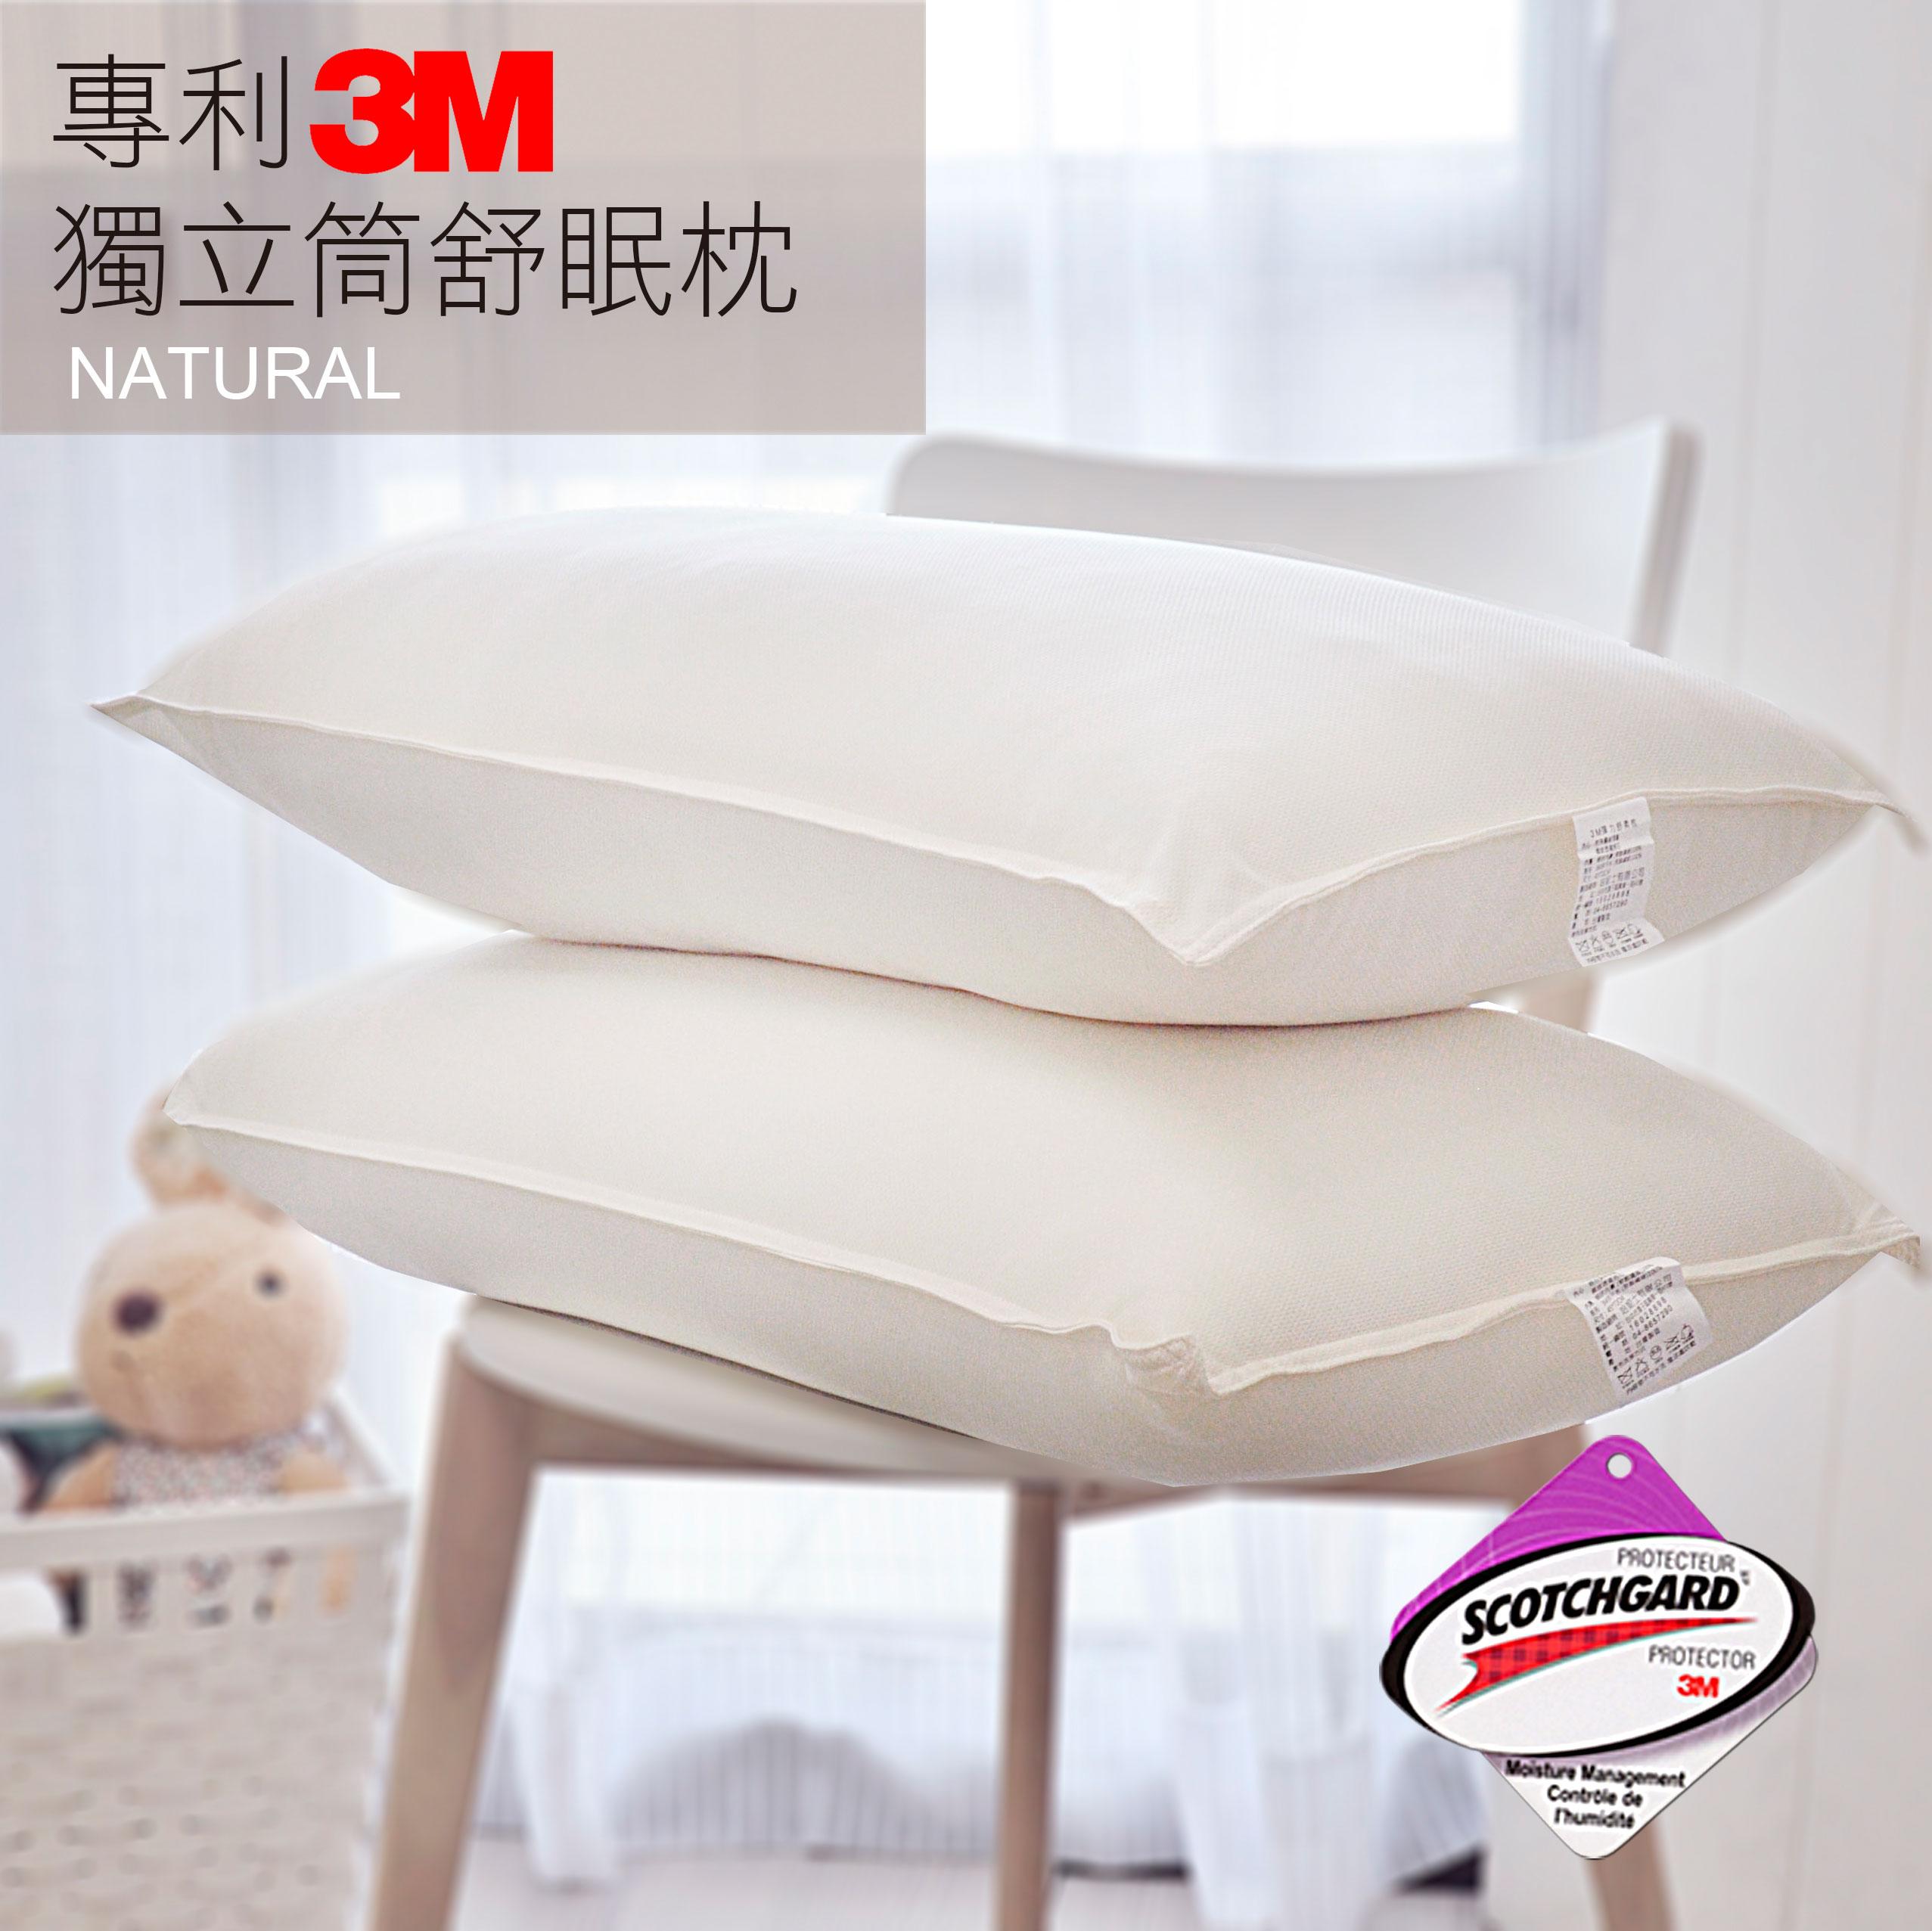 【買一送一】3M抗菌獨立筒舒壓枕(無附提袋)- 新款上市2入優惠價_HOUXURY台灣製